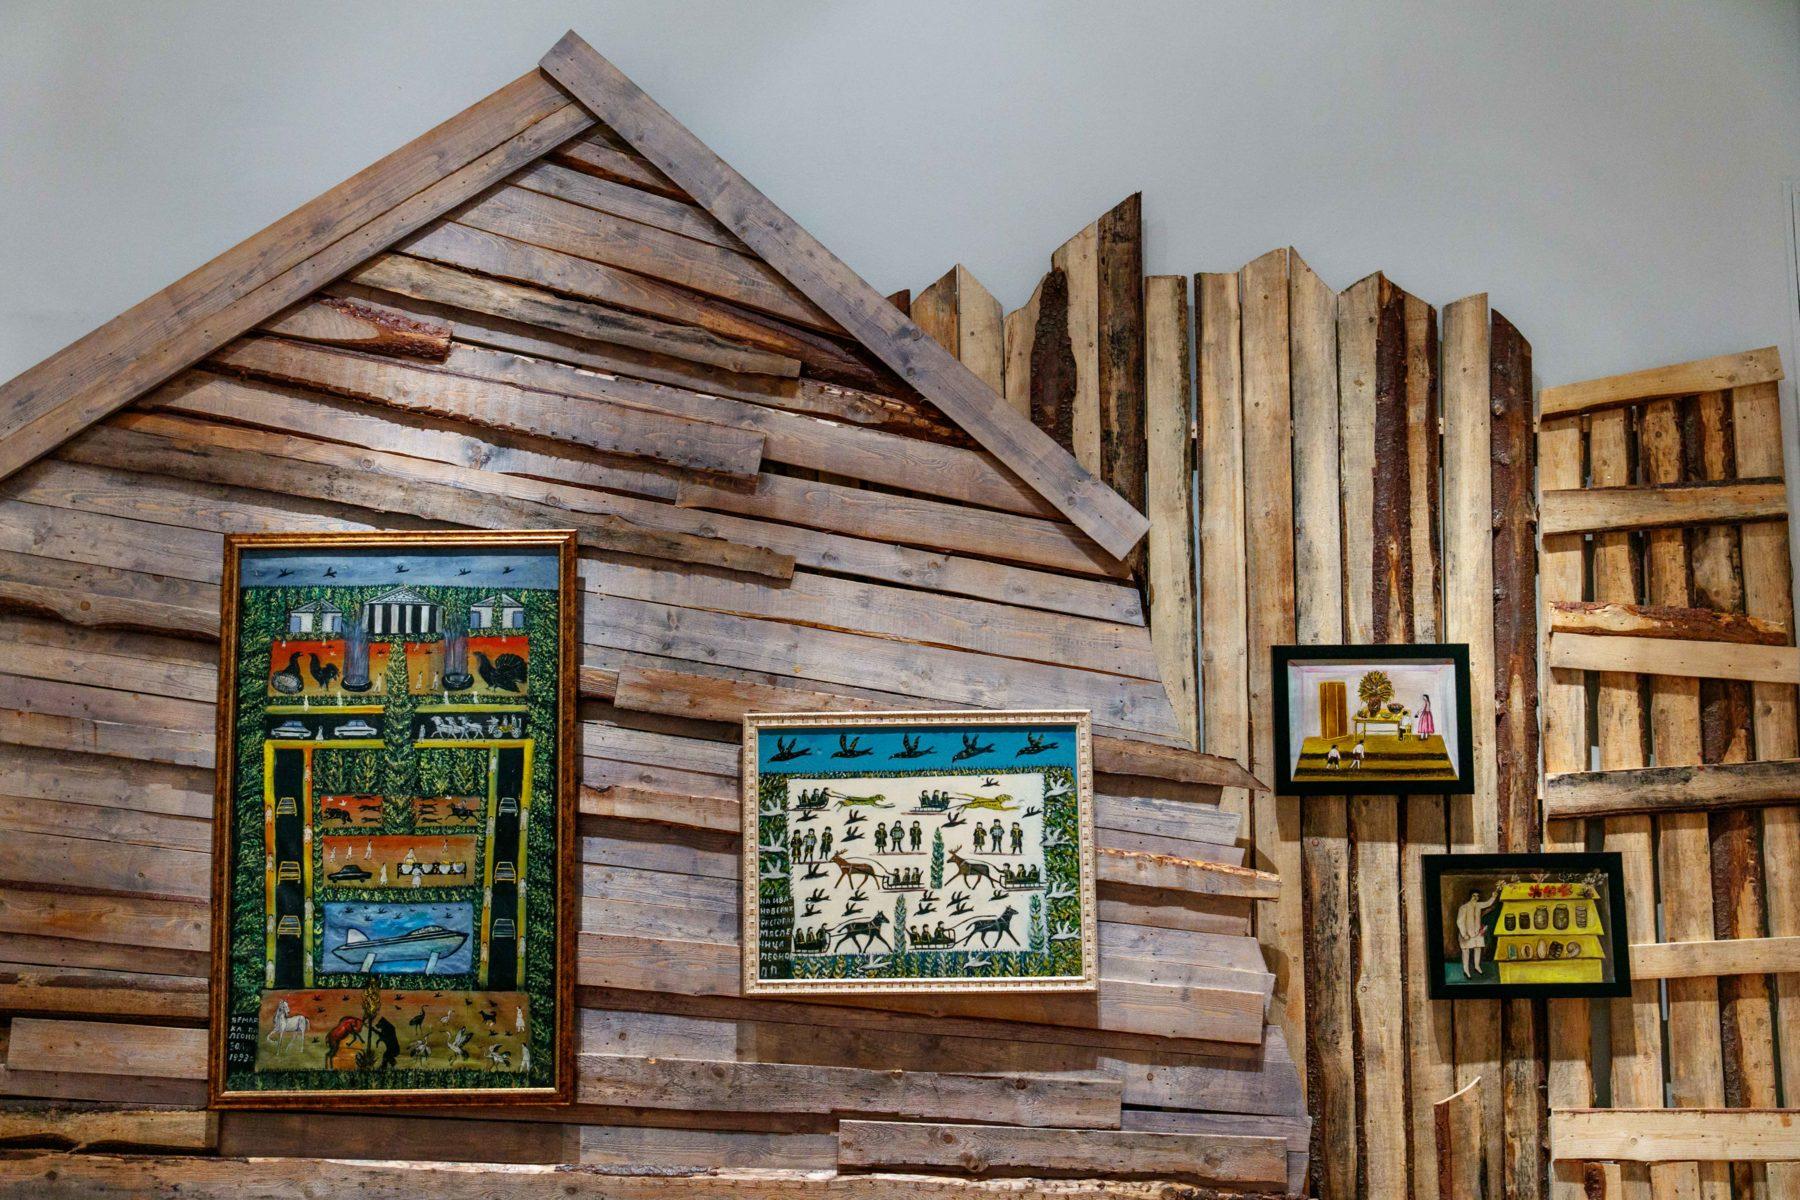 Онлайн-занятие по выставке «Зазеркалье Павла Леонова» – события на сайте «Московские Сезоны»